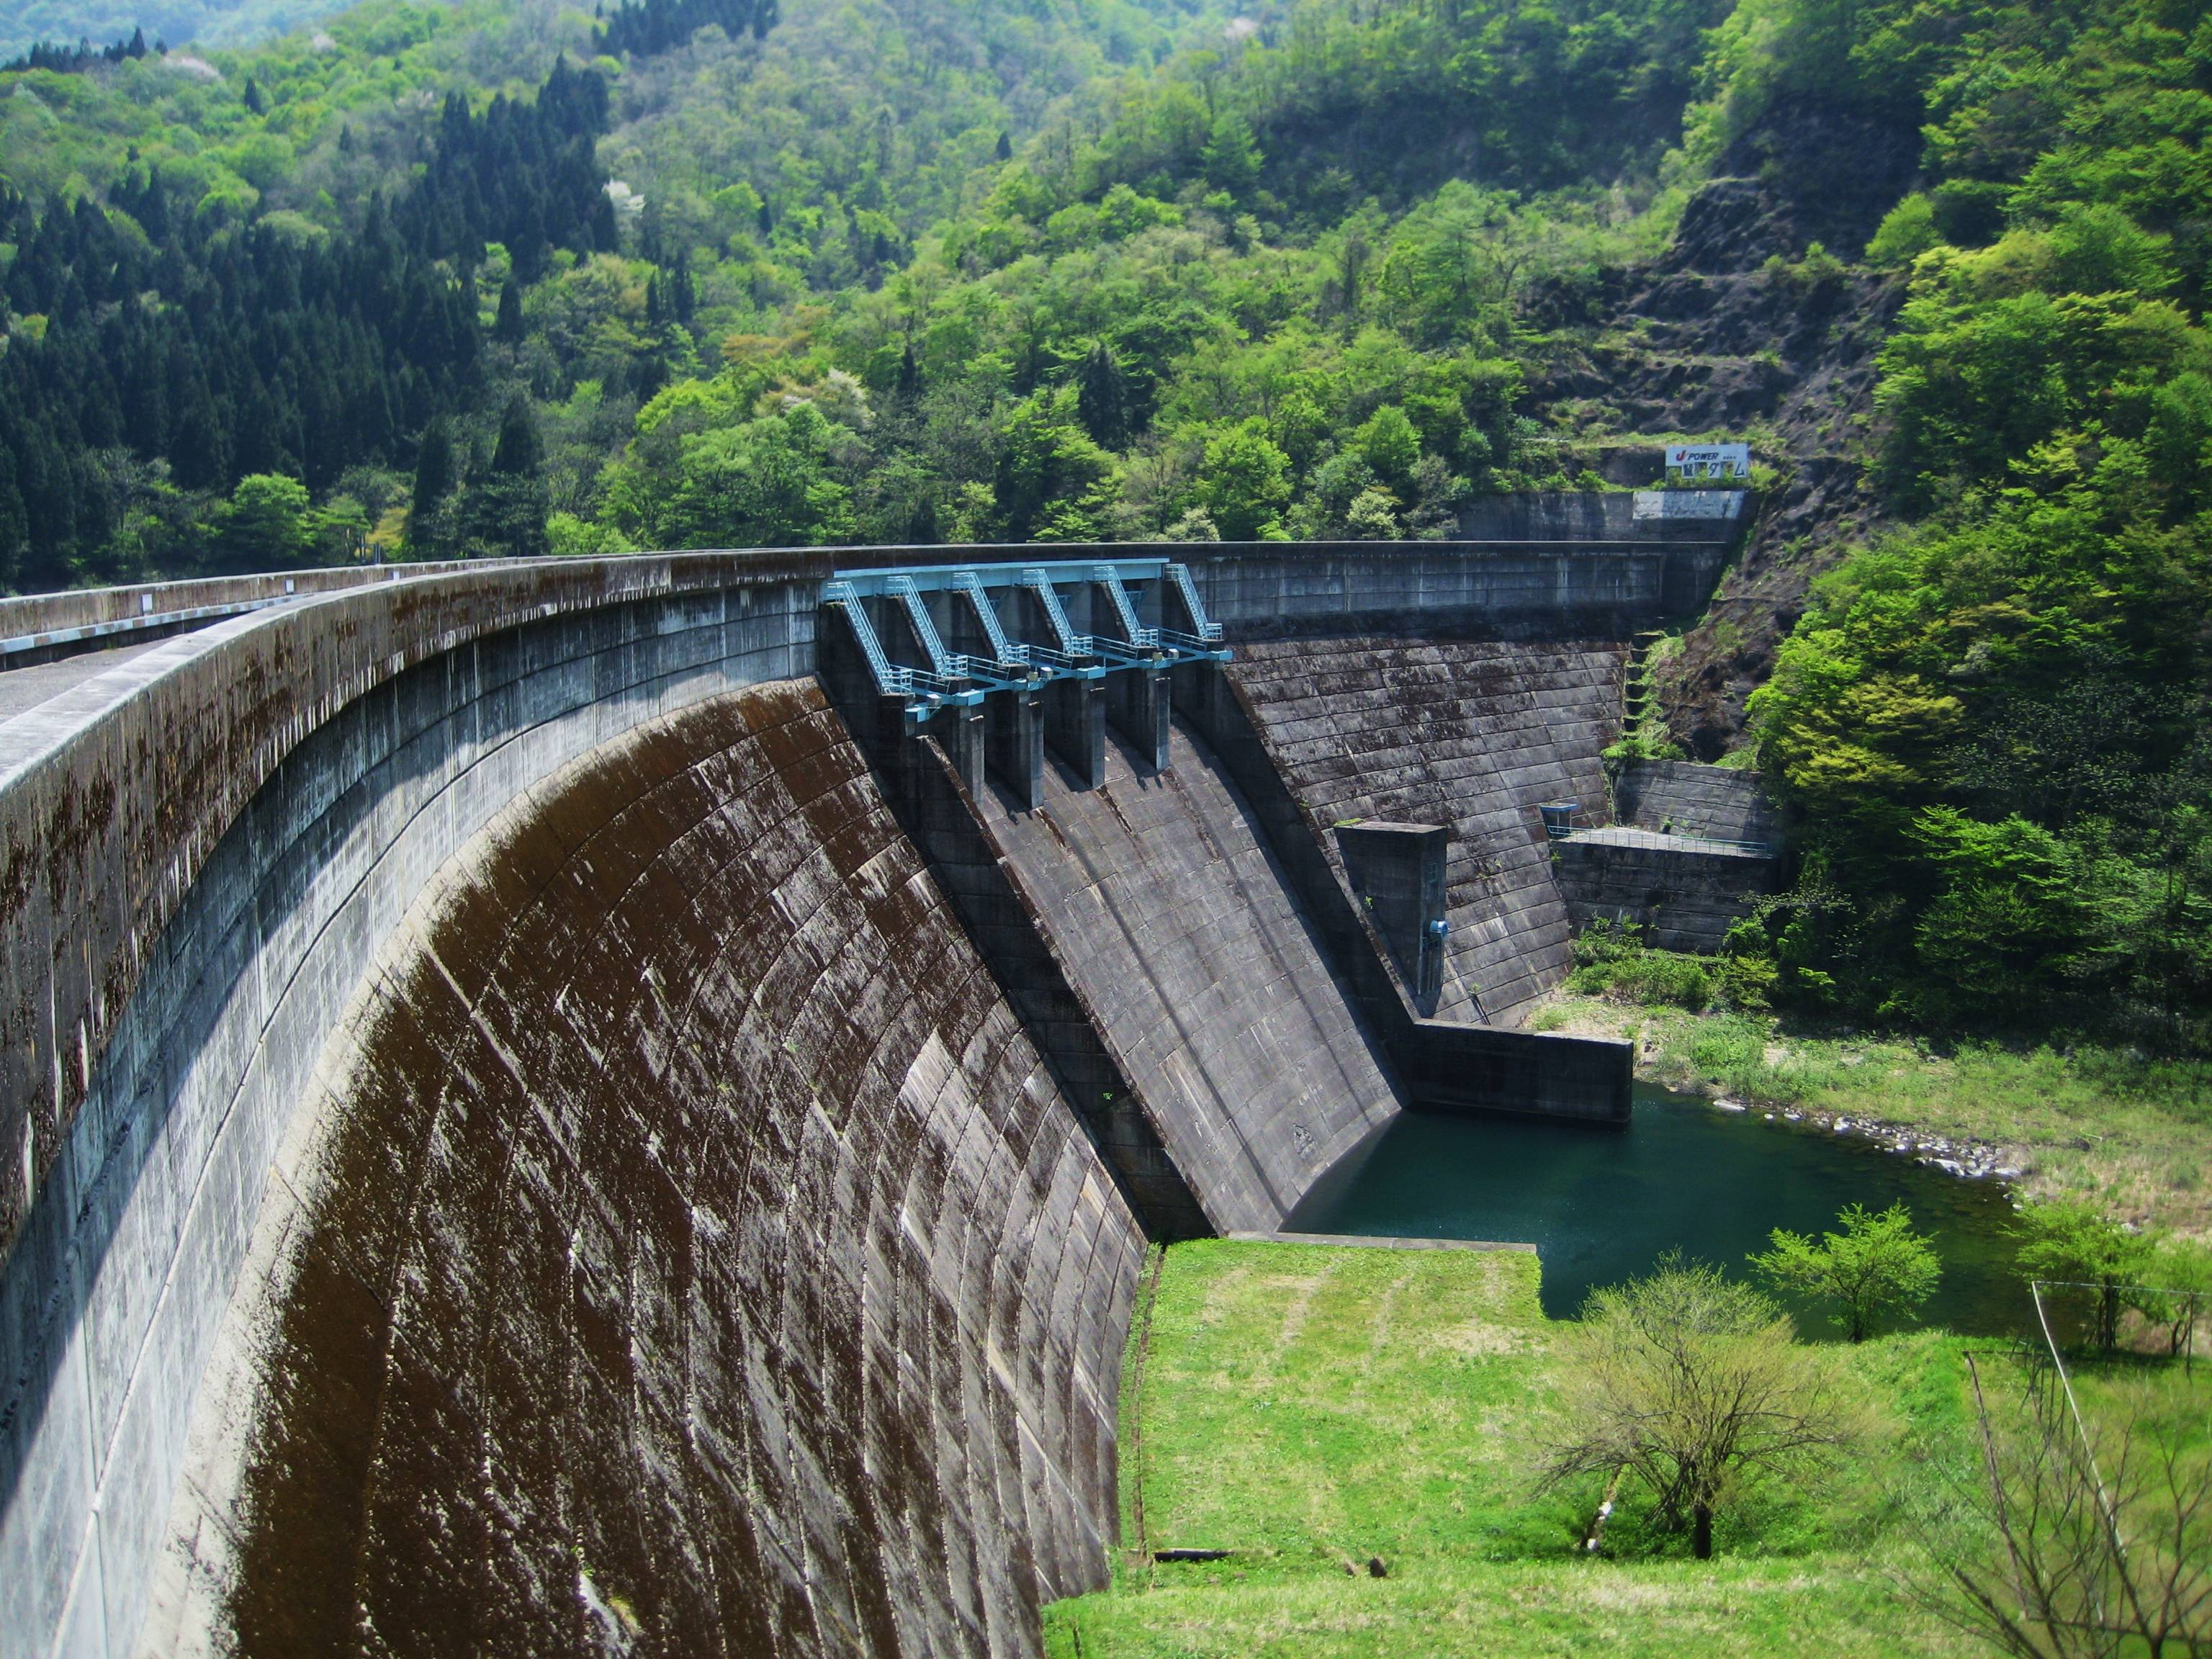 Washi dam